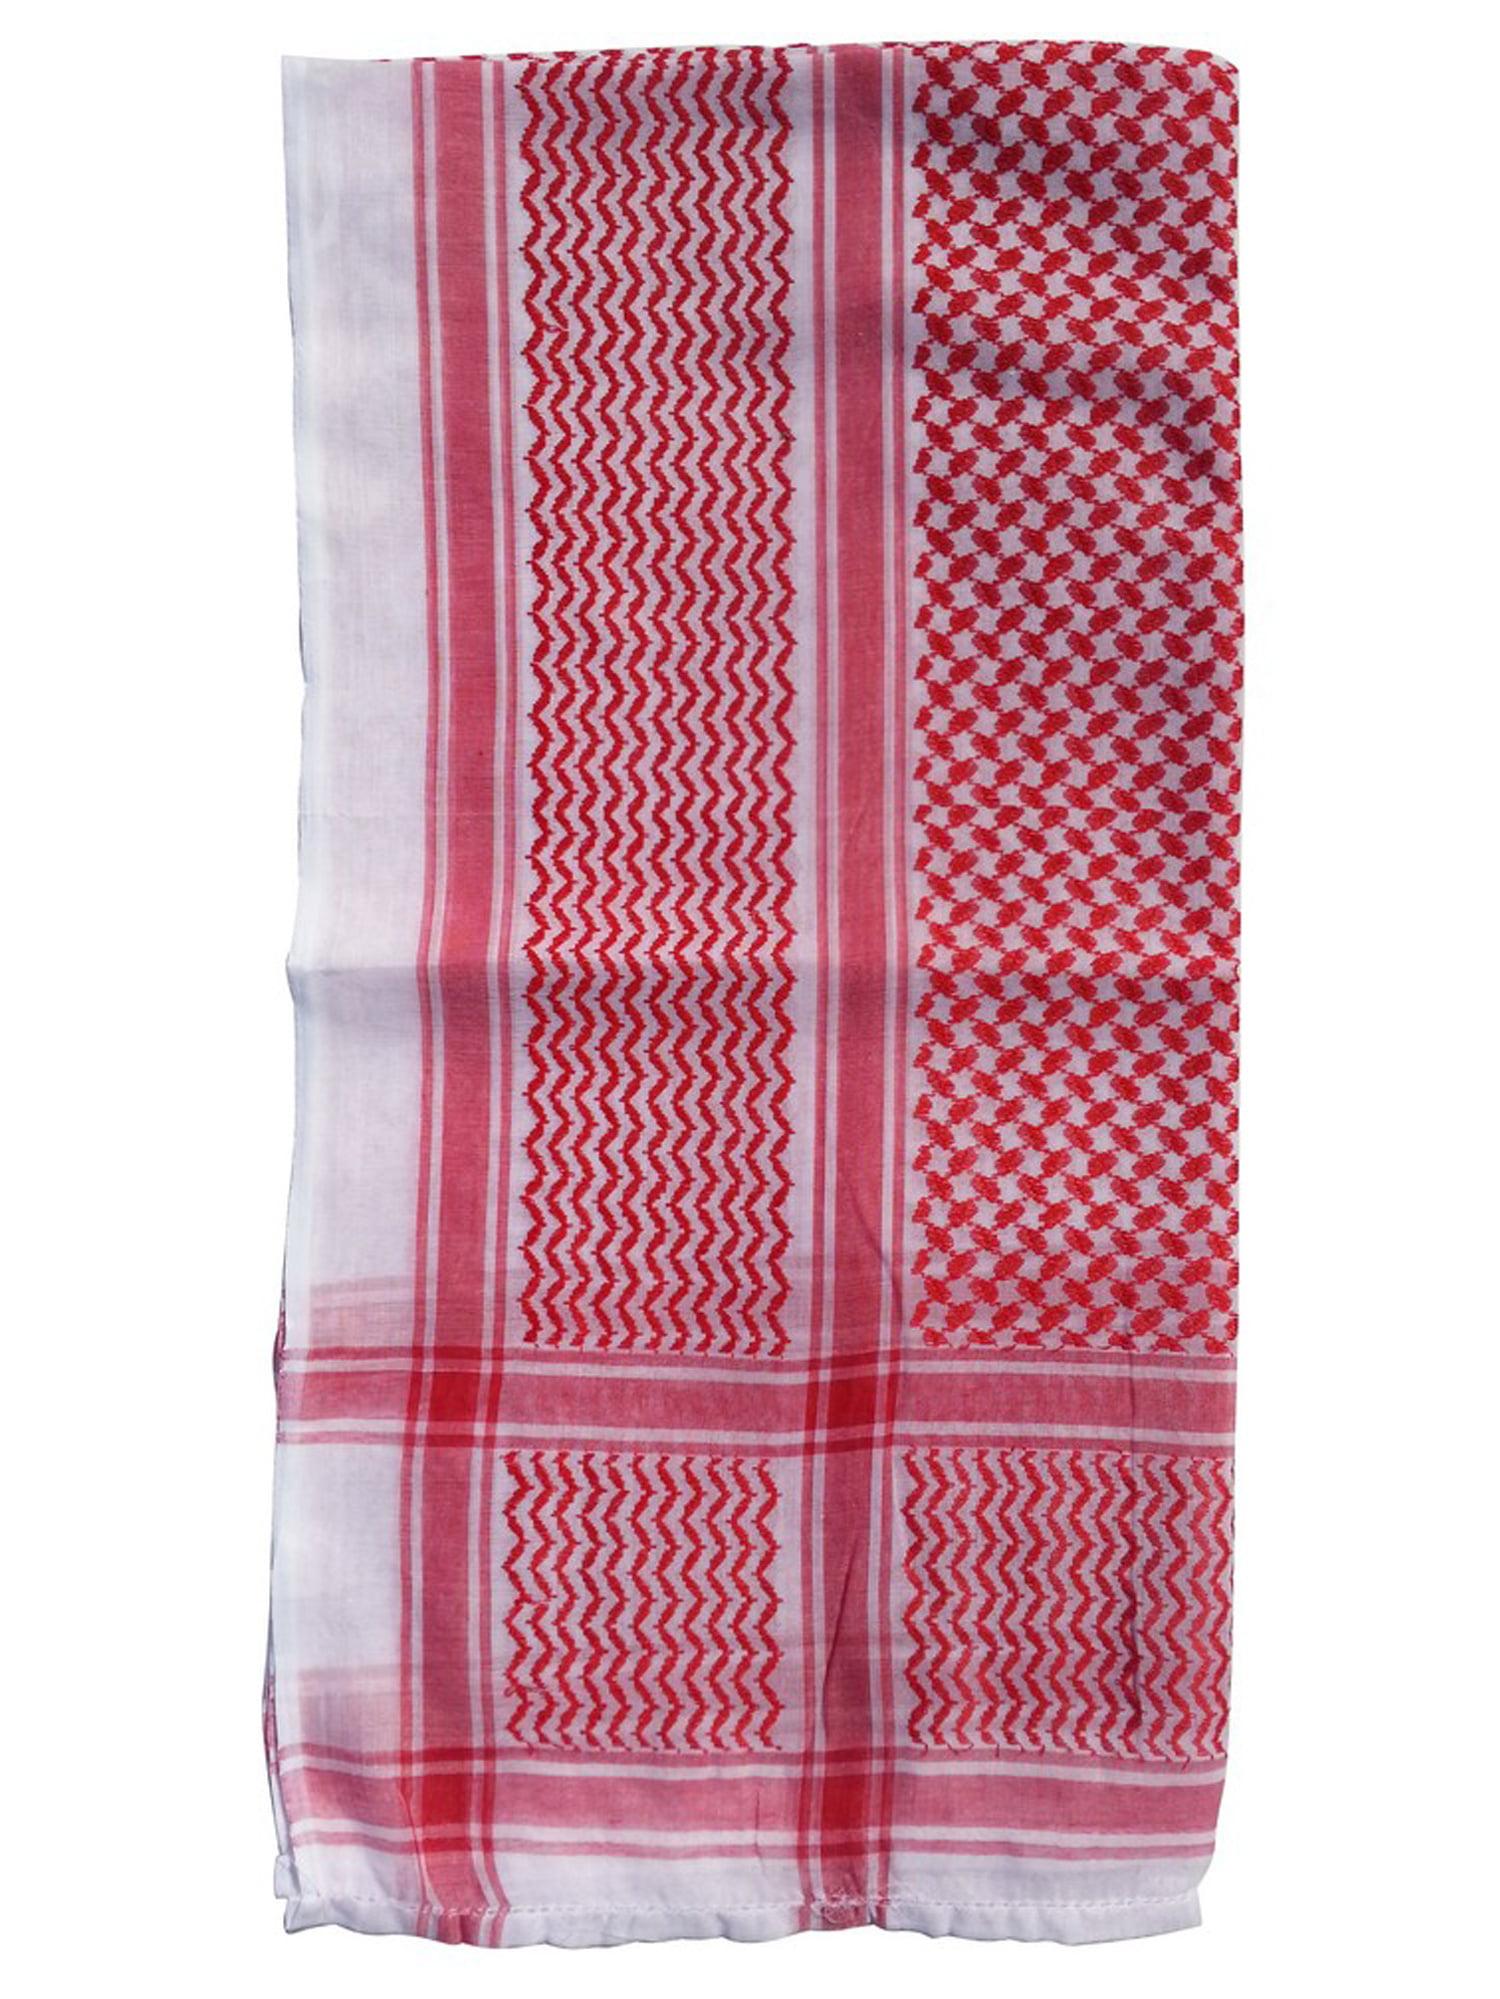 MuslimClothing® Red White Keffiyeh Islamic Muslim Arafat Scarf Shawl 120x120cm